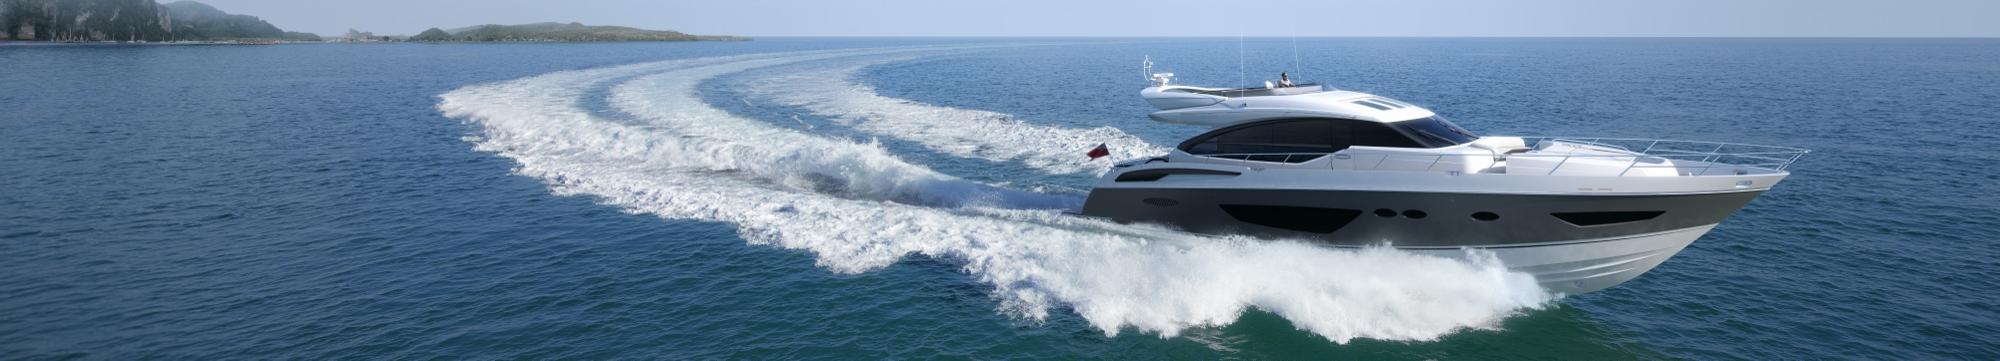 Yacht (2000x361)